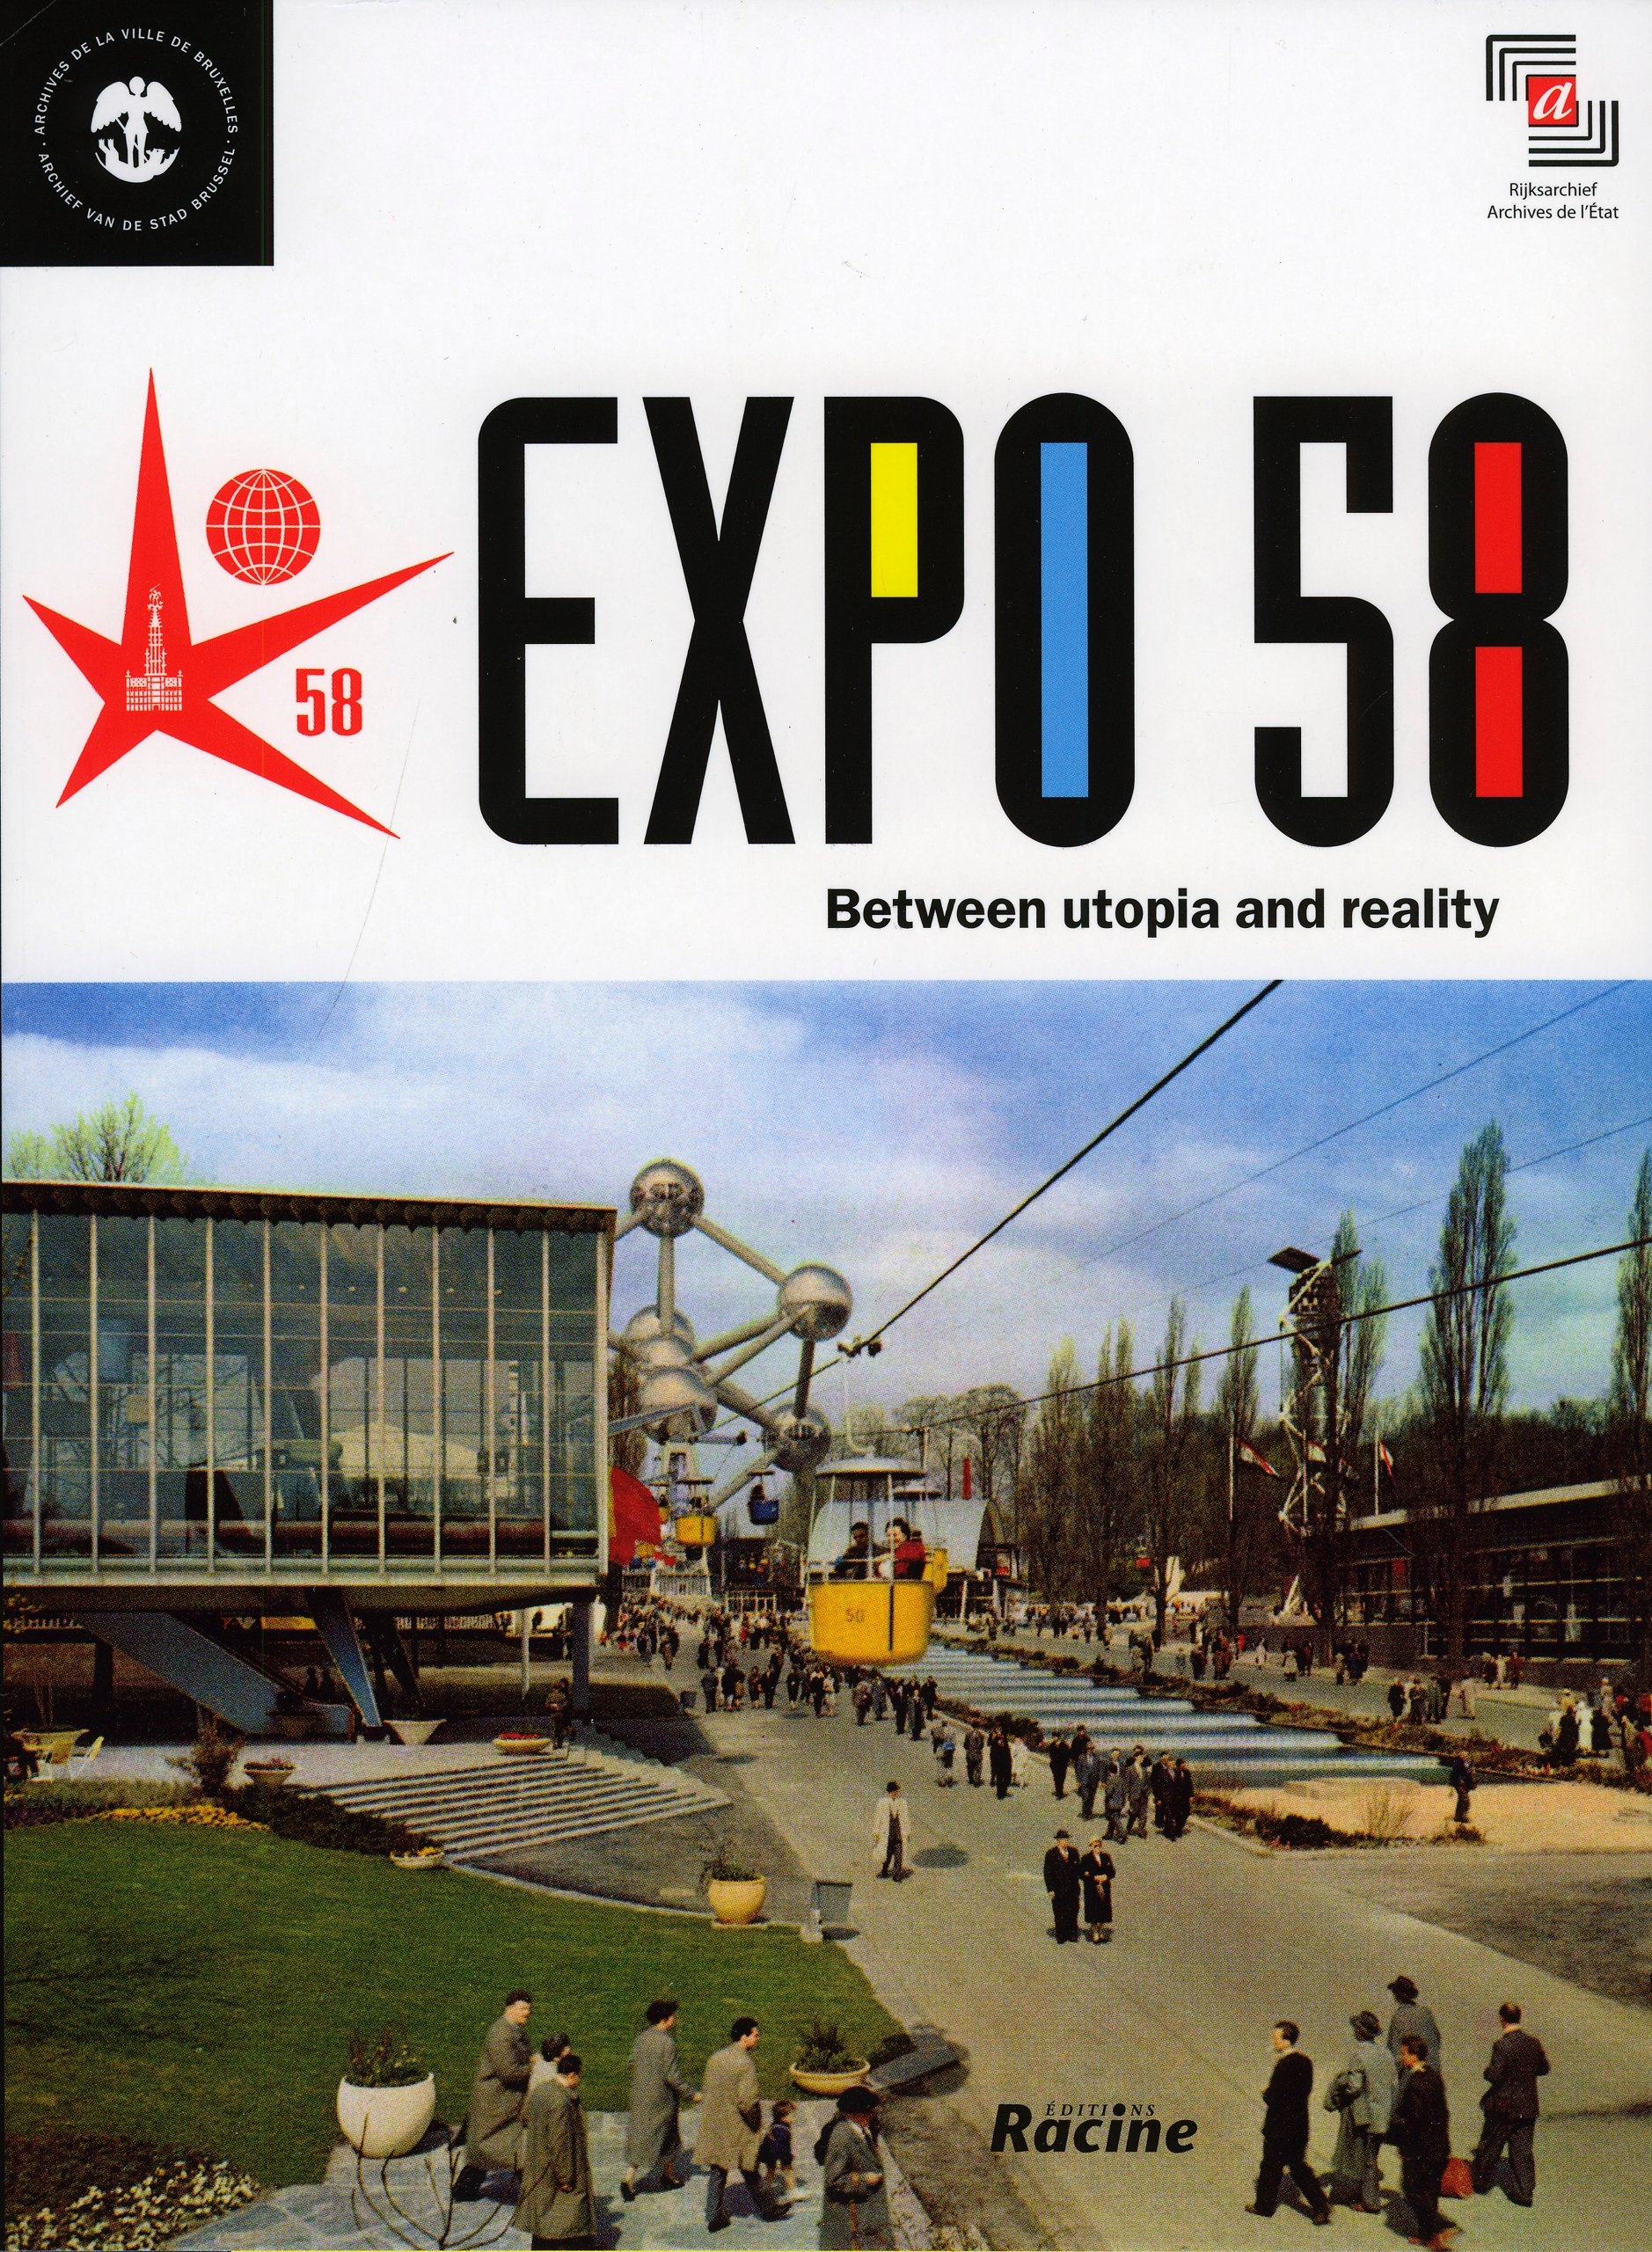 Expo 58: Between Utopia and Reality